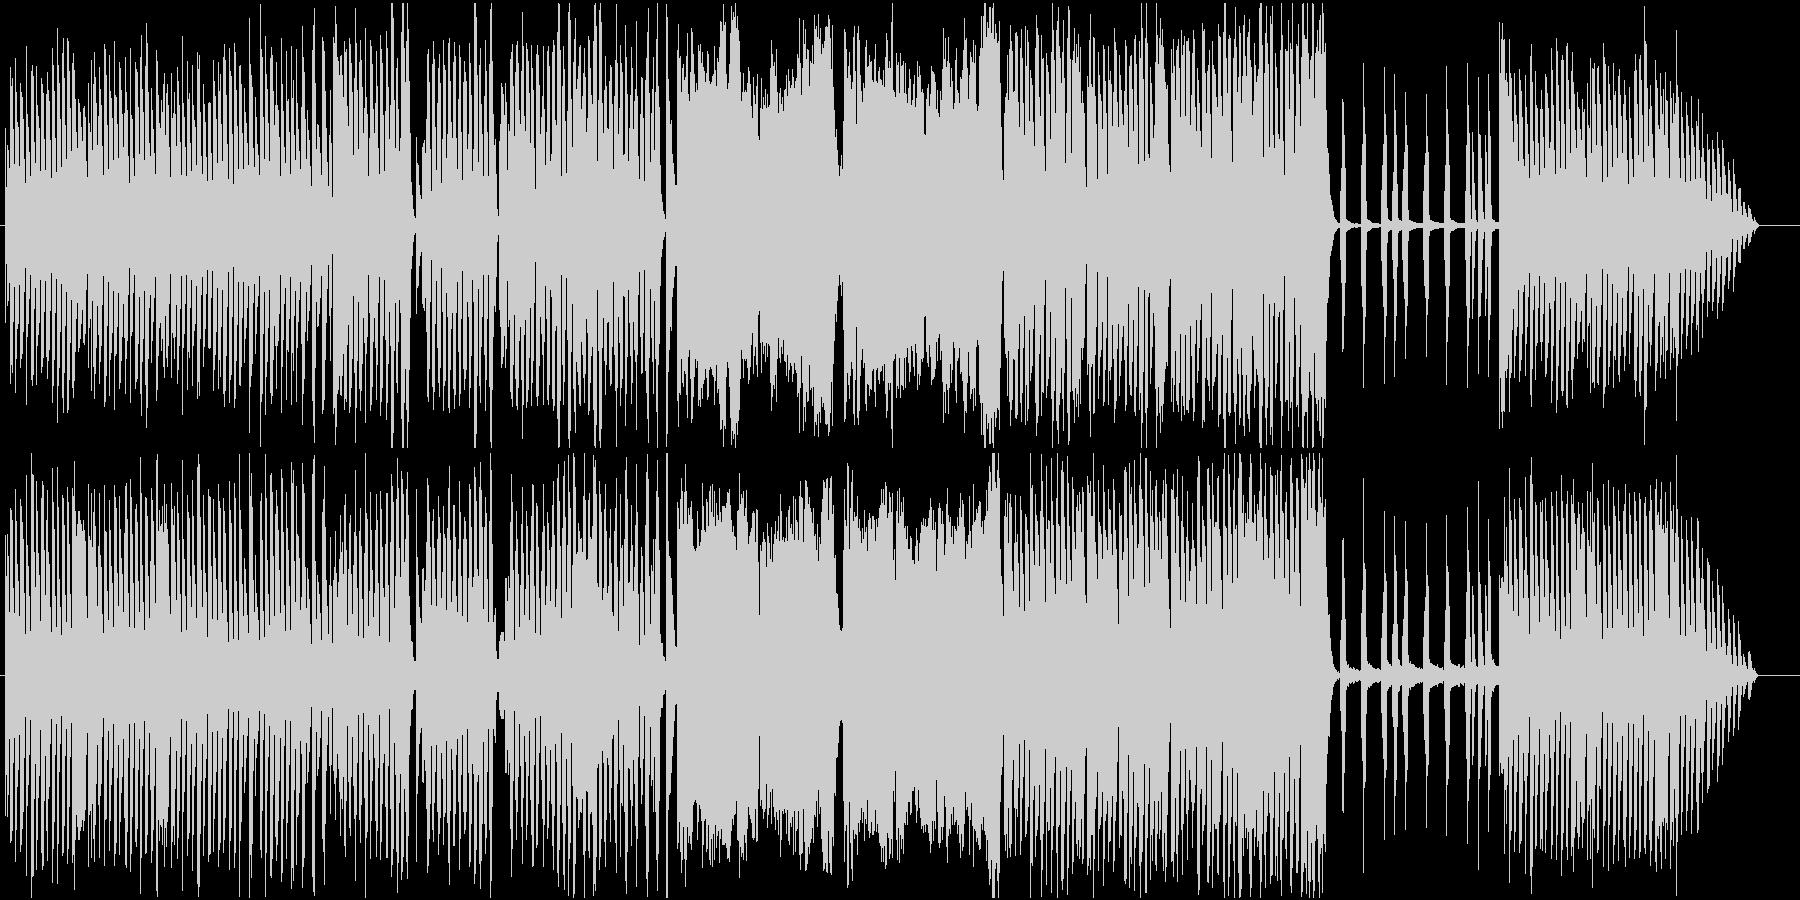 小動物が軽快に走っているイメージの曲の未再生の波形